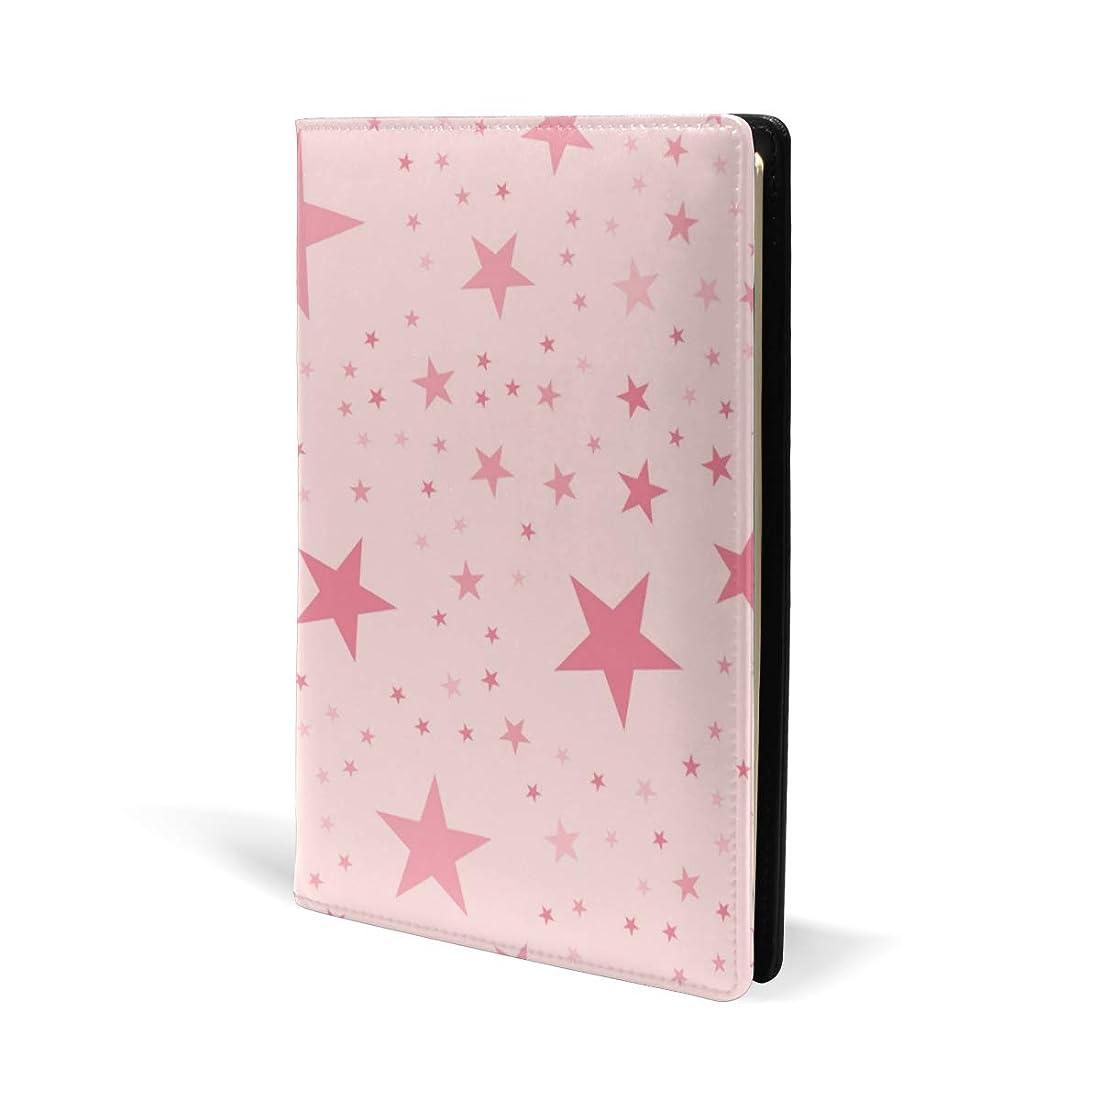 枯れるコンパクト基礎理論ブックカバー a5 星柄 ピンク かわいい 文庫 PUレザー ファイル オフィス用品 読書 文庫判 資料 日記 収納入れ 高級感 耐久性 雑貨 プレゼント 機能性 耐久性 軽量